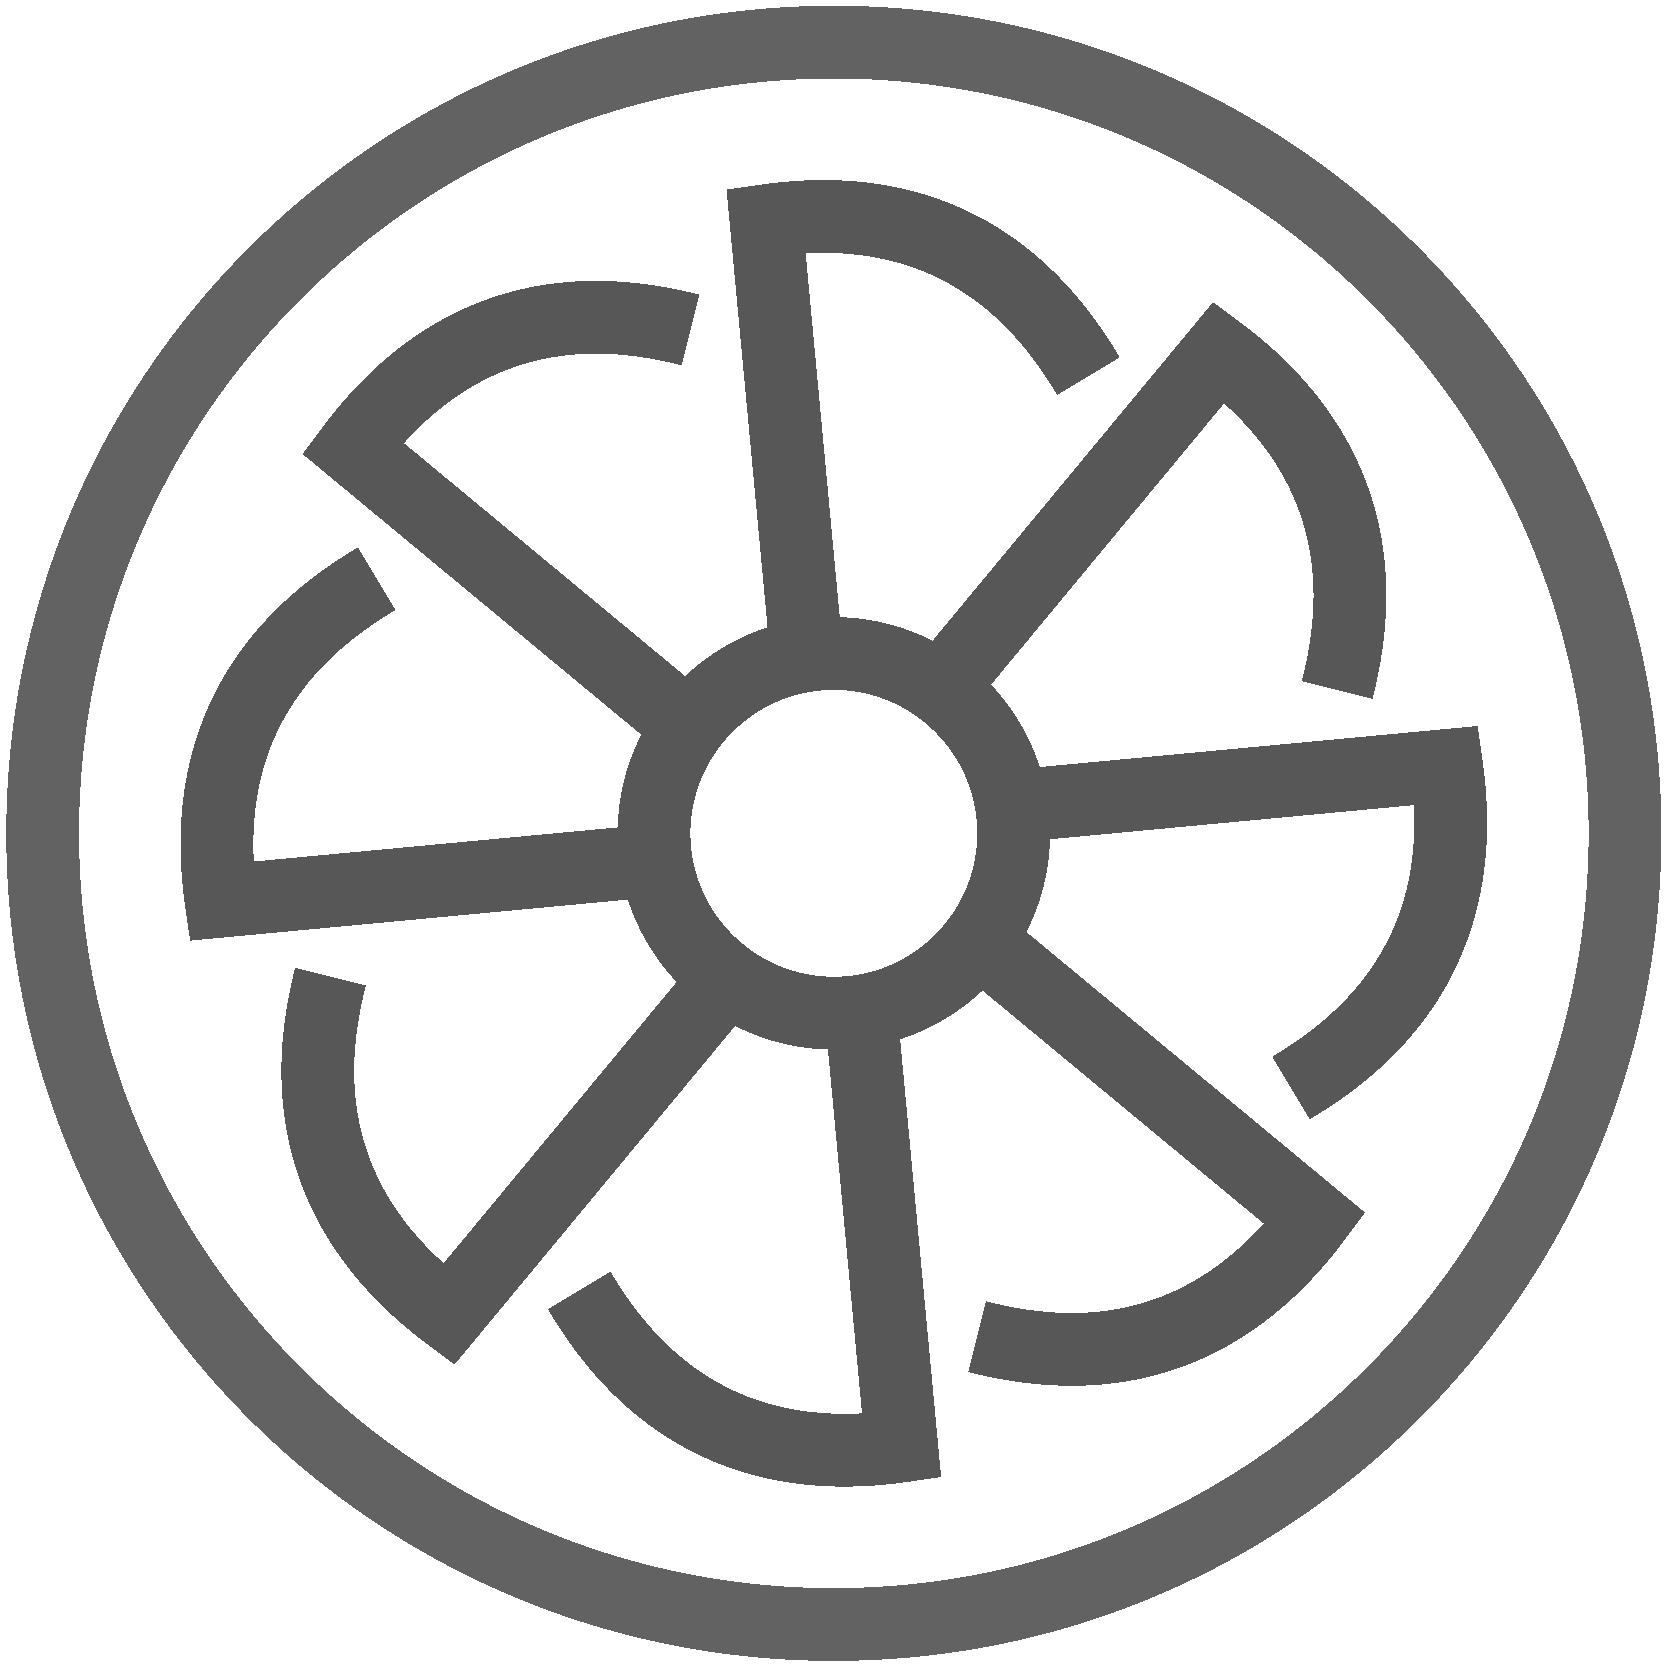 Illustrierte Felge, Icon für Felgenreinigung, Leistungen von AutOptik.